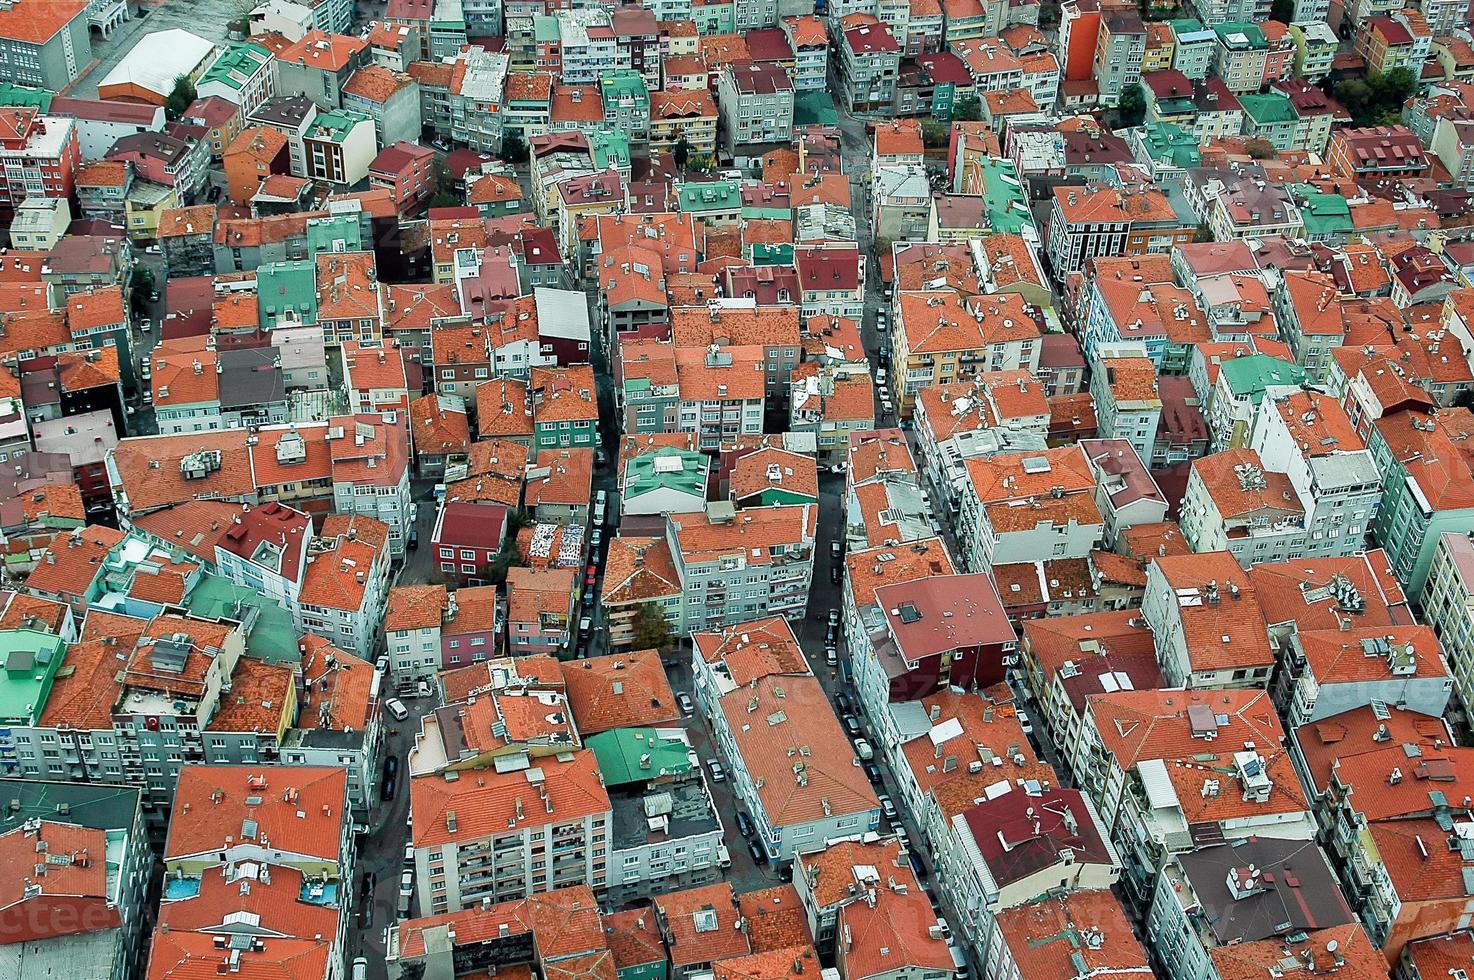 huizen in istanbul foto